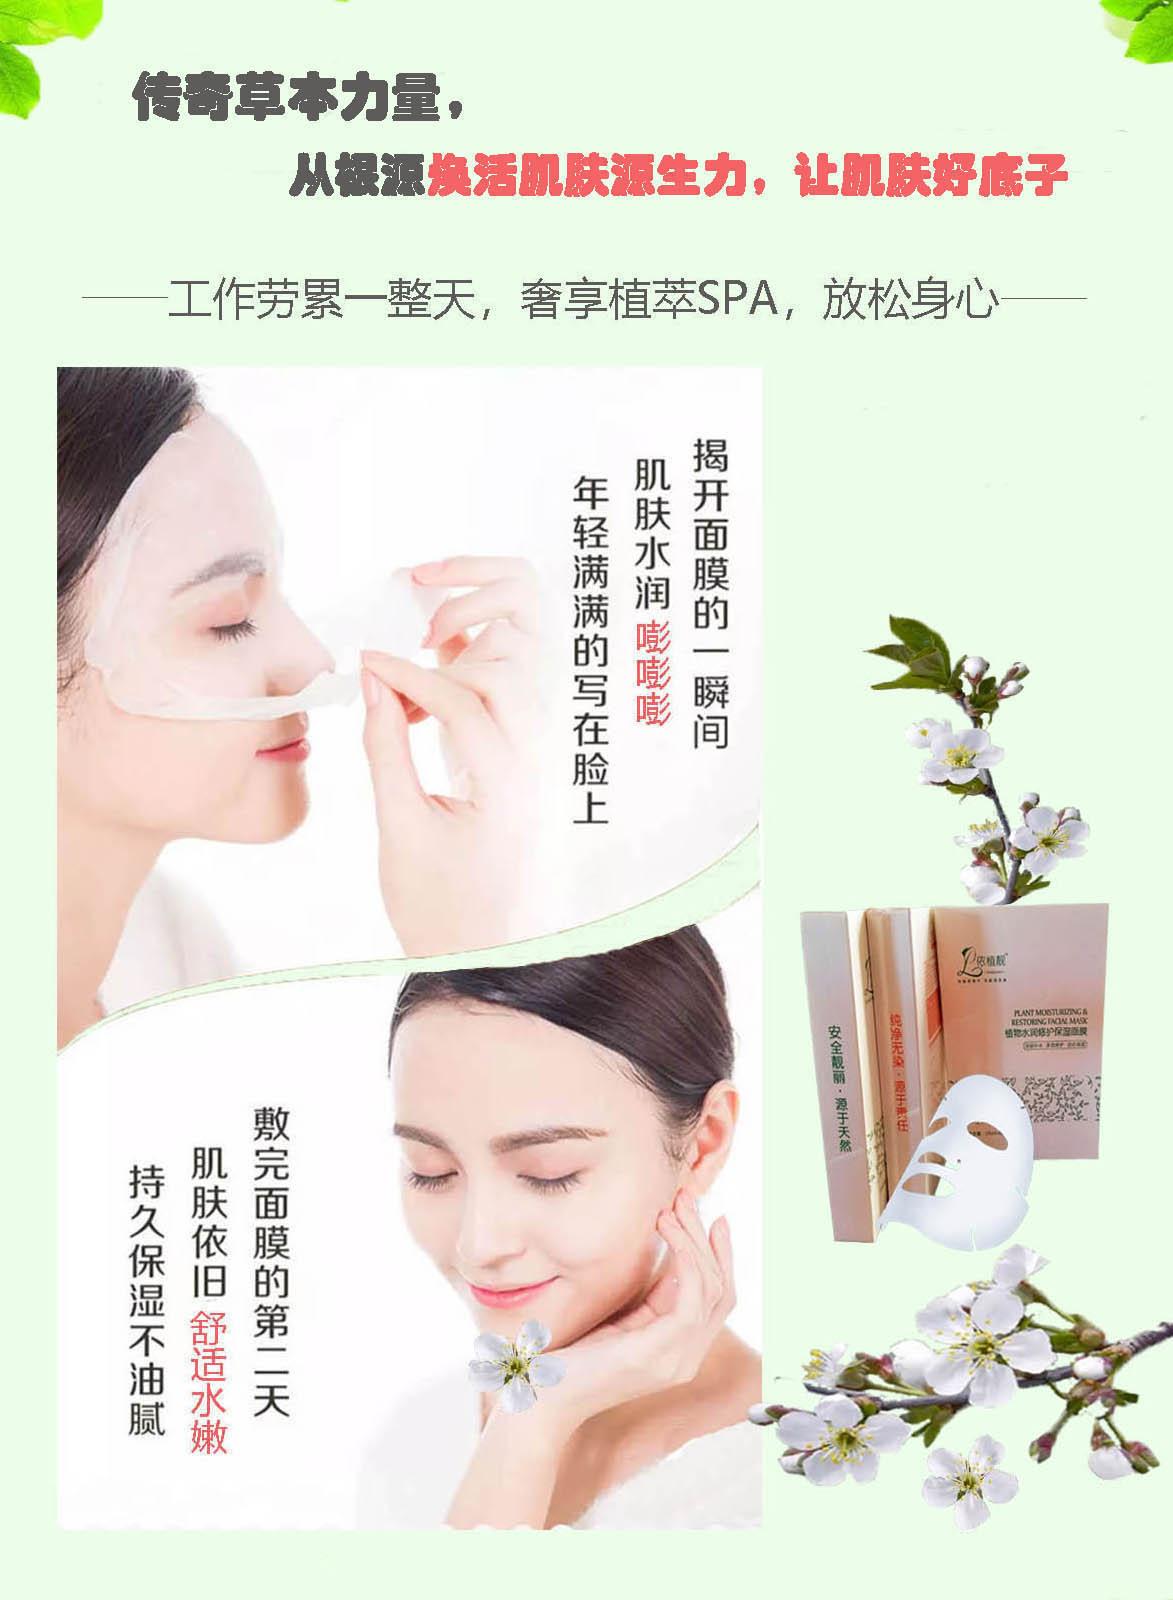 依植靓植物水润修护保湿面膜使用了肌肤会自愈吗?